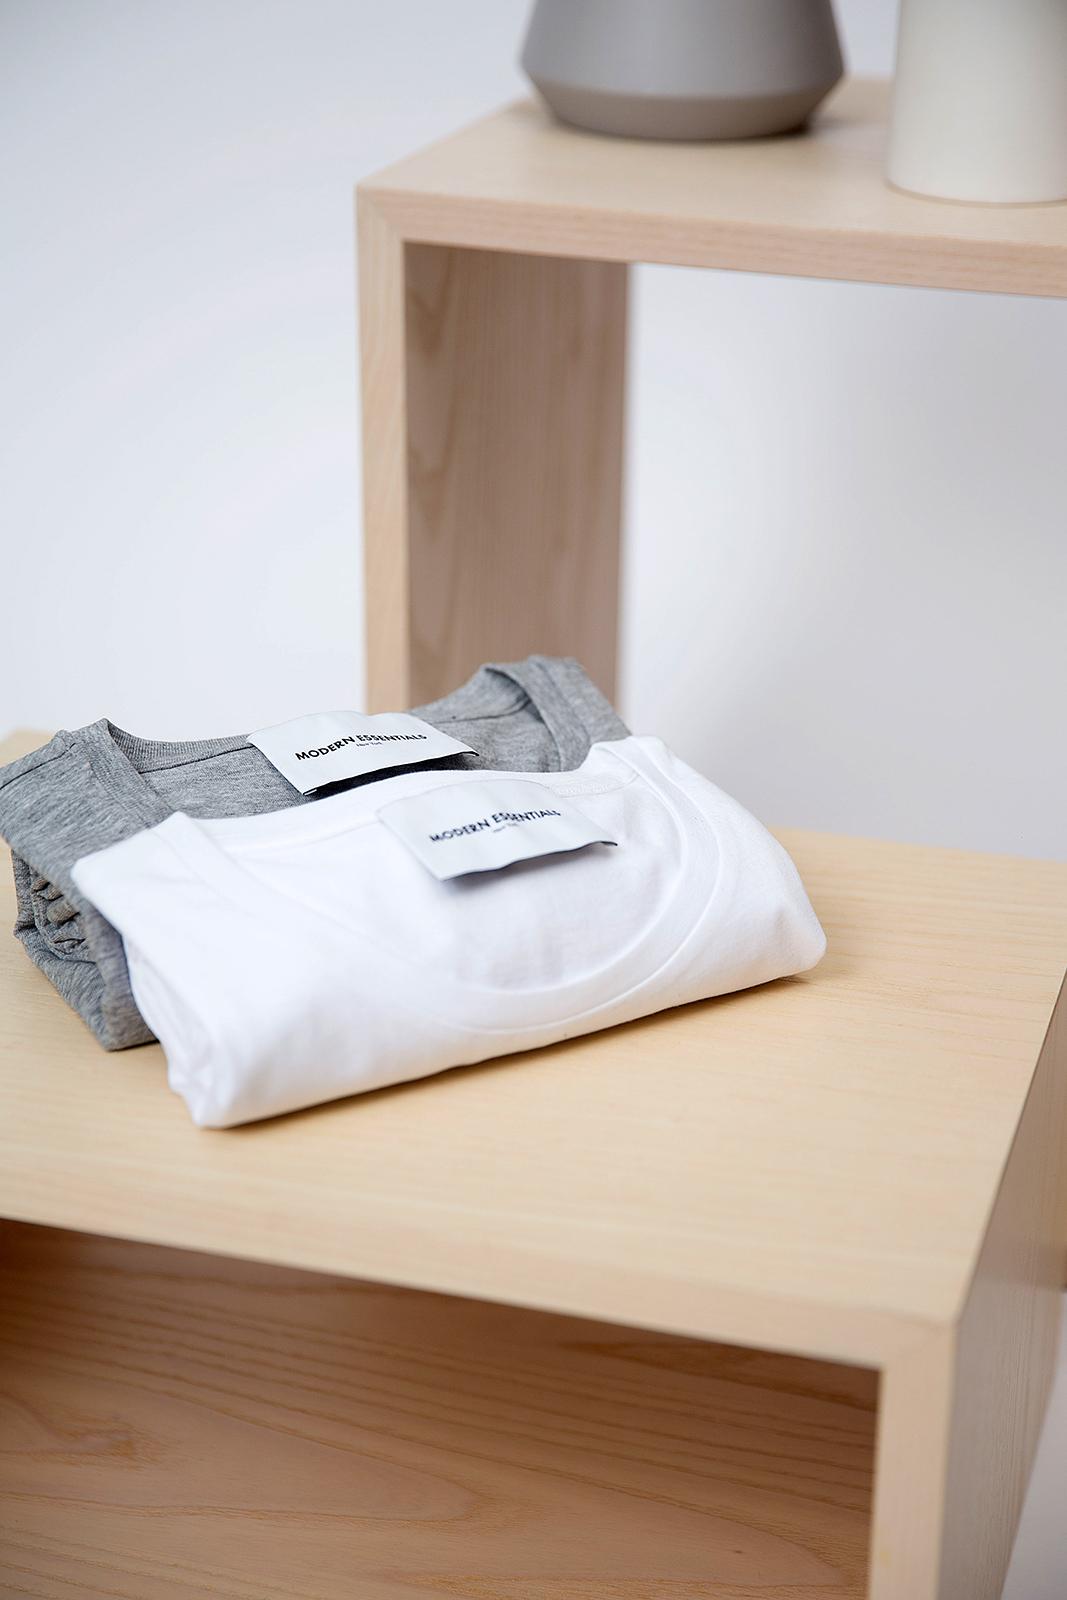 modern-essentials-1064966-unsplash.jpg